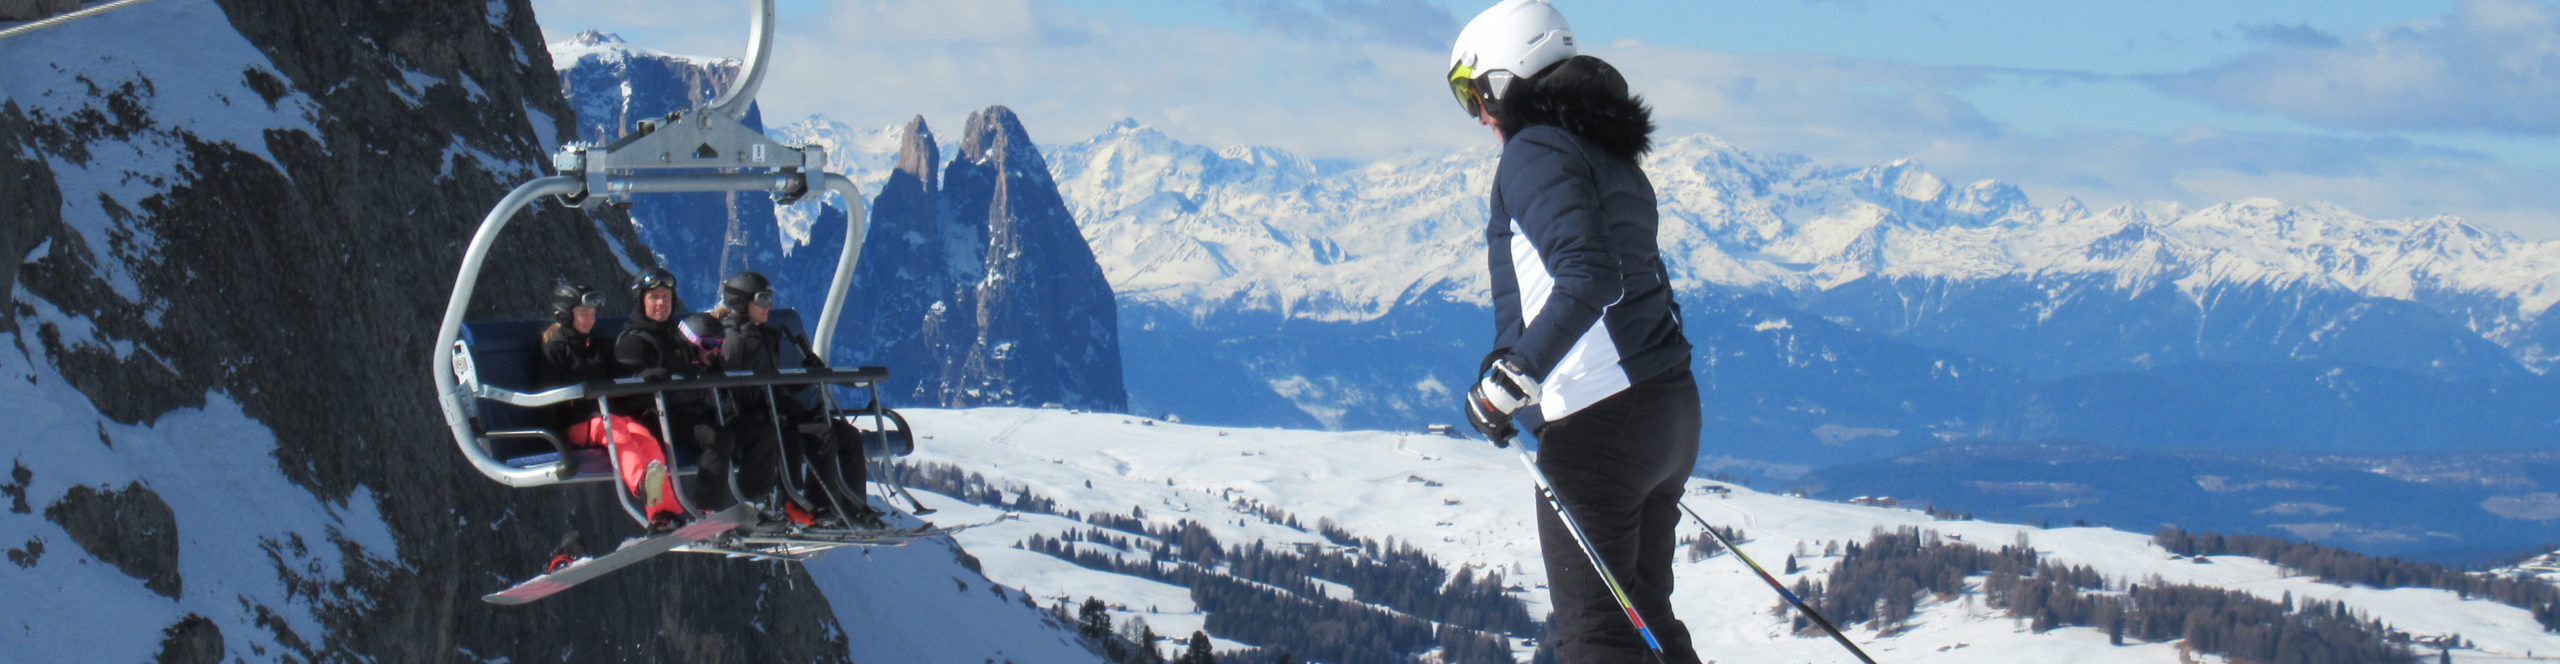 SÜDTIROL – DOLOMITI SUPERSKI – Verlängertes Skiwochenende- 4 Skitage – 3 Skigebiete